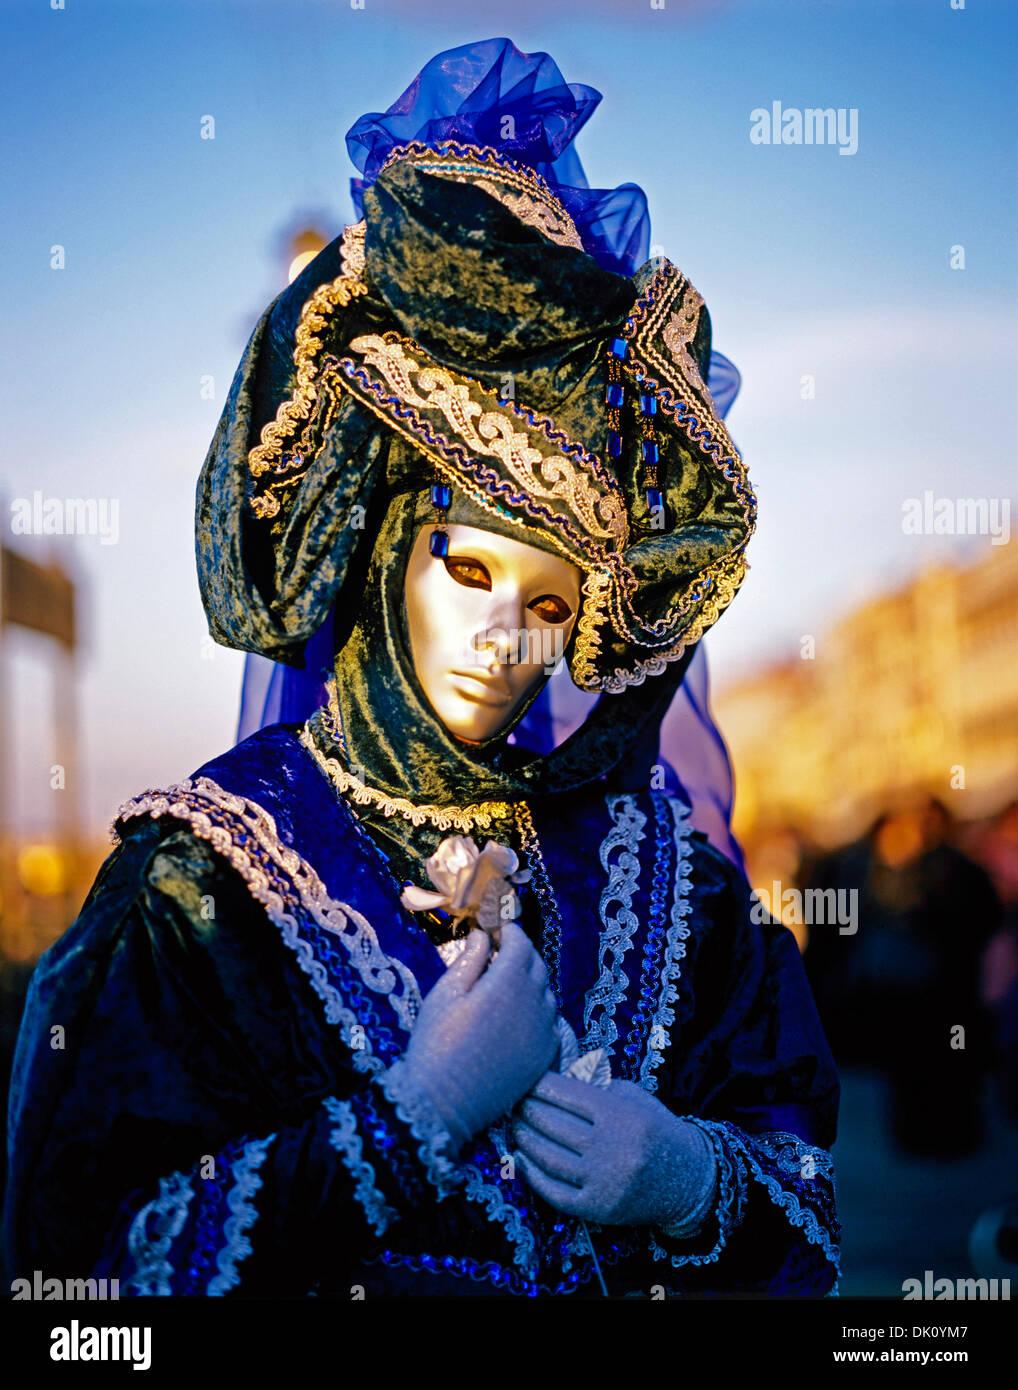 Teilnehmer in Tracht bei der jährlichen maskiert Karneval, Venedig, Italien, Europa Stockfoto